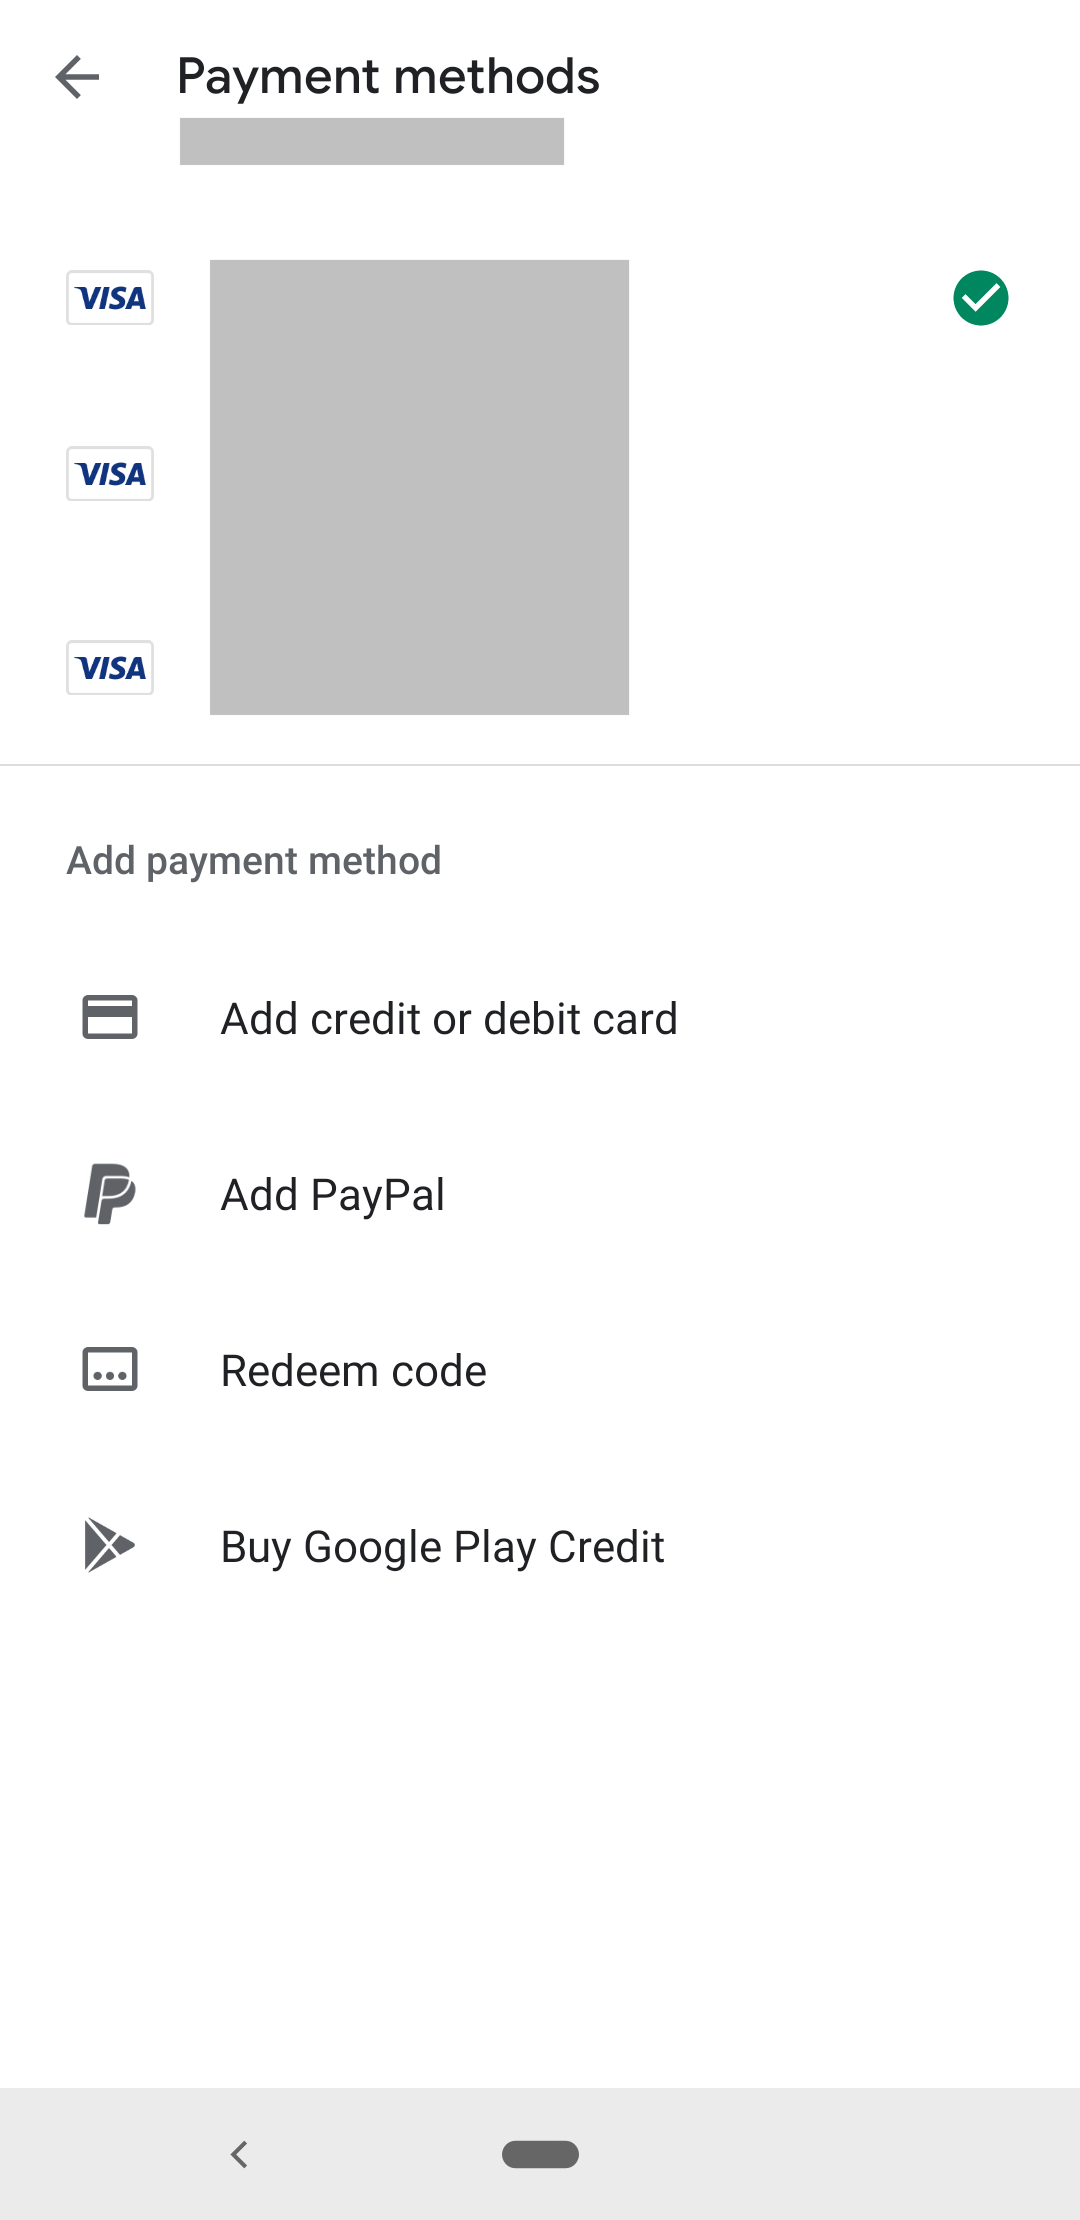 アプリ内購入の支払い方法を列挙する画面